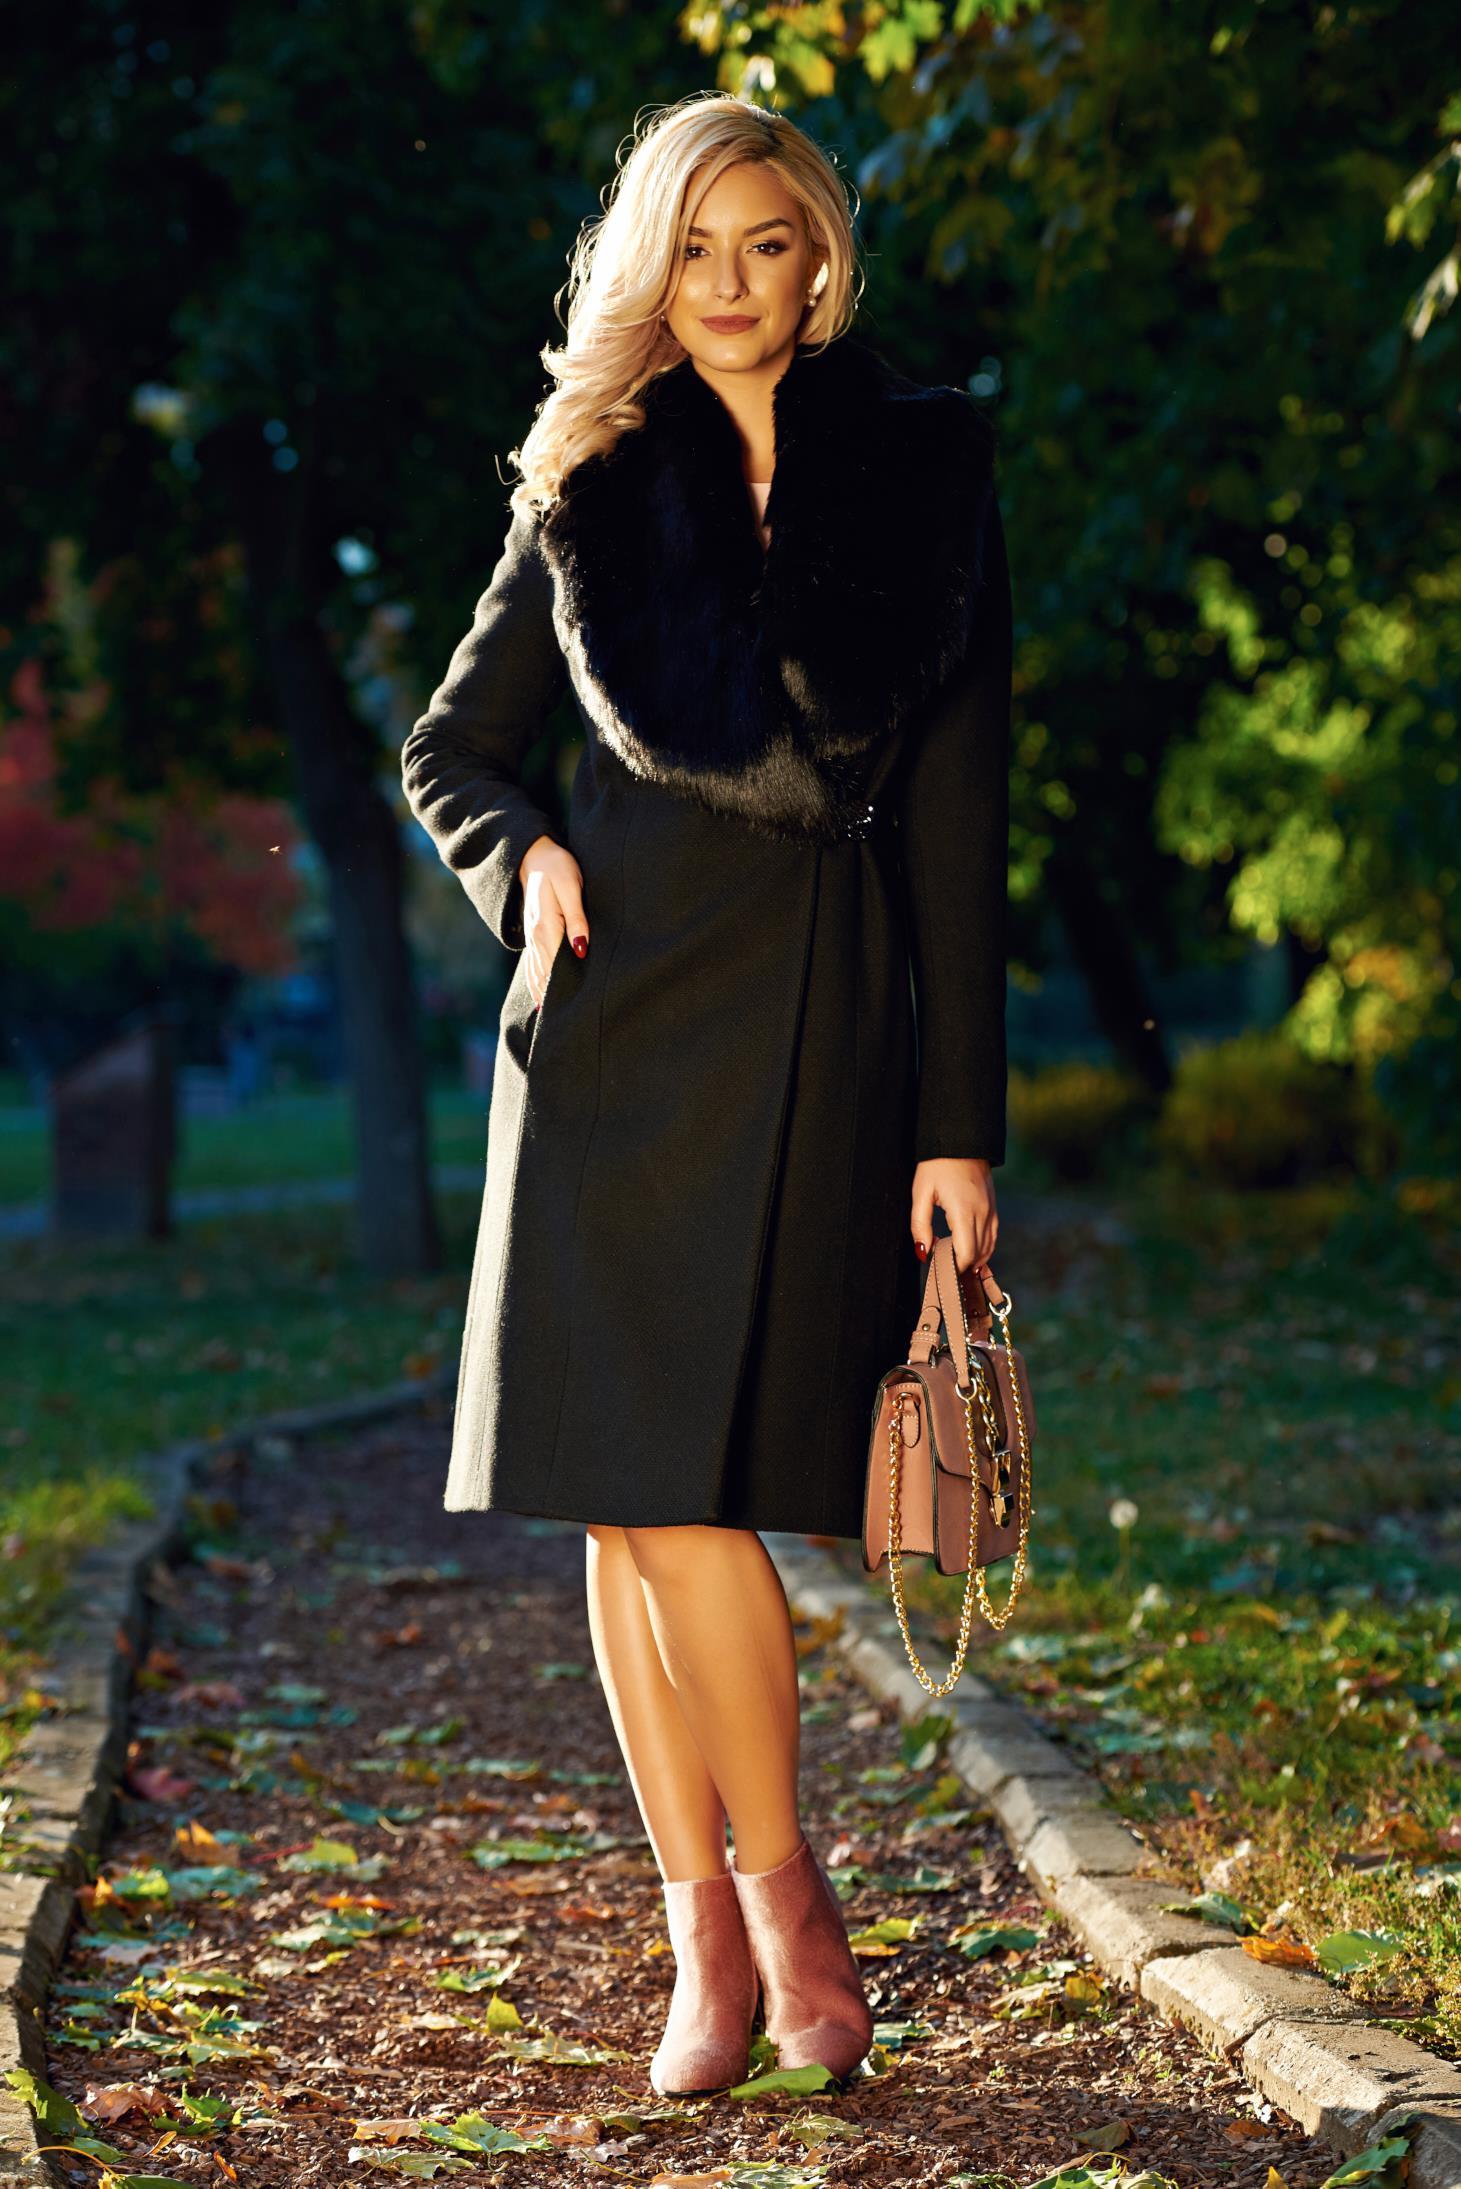 Fekete LaDonna elegáns nagykabát szőrme gallér belső béléssel ae3ac6c2b8